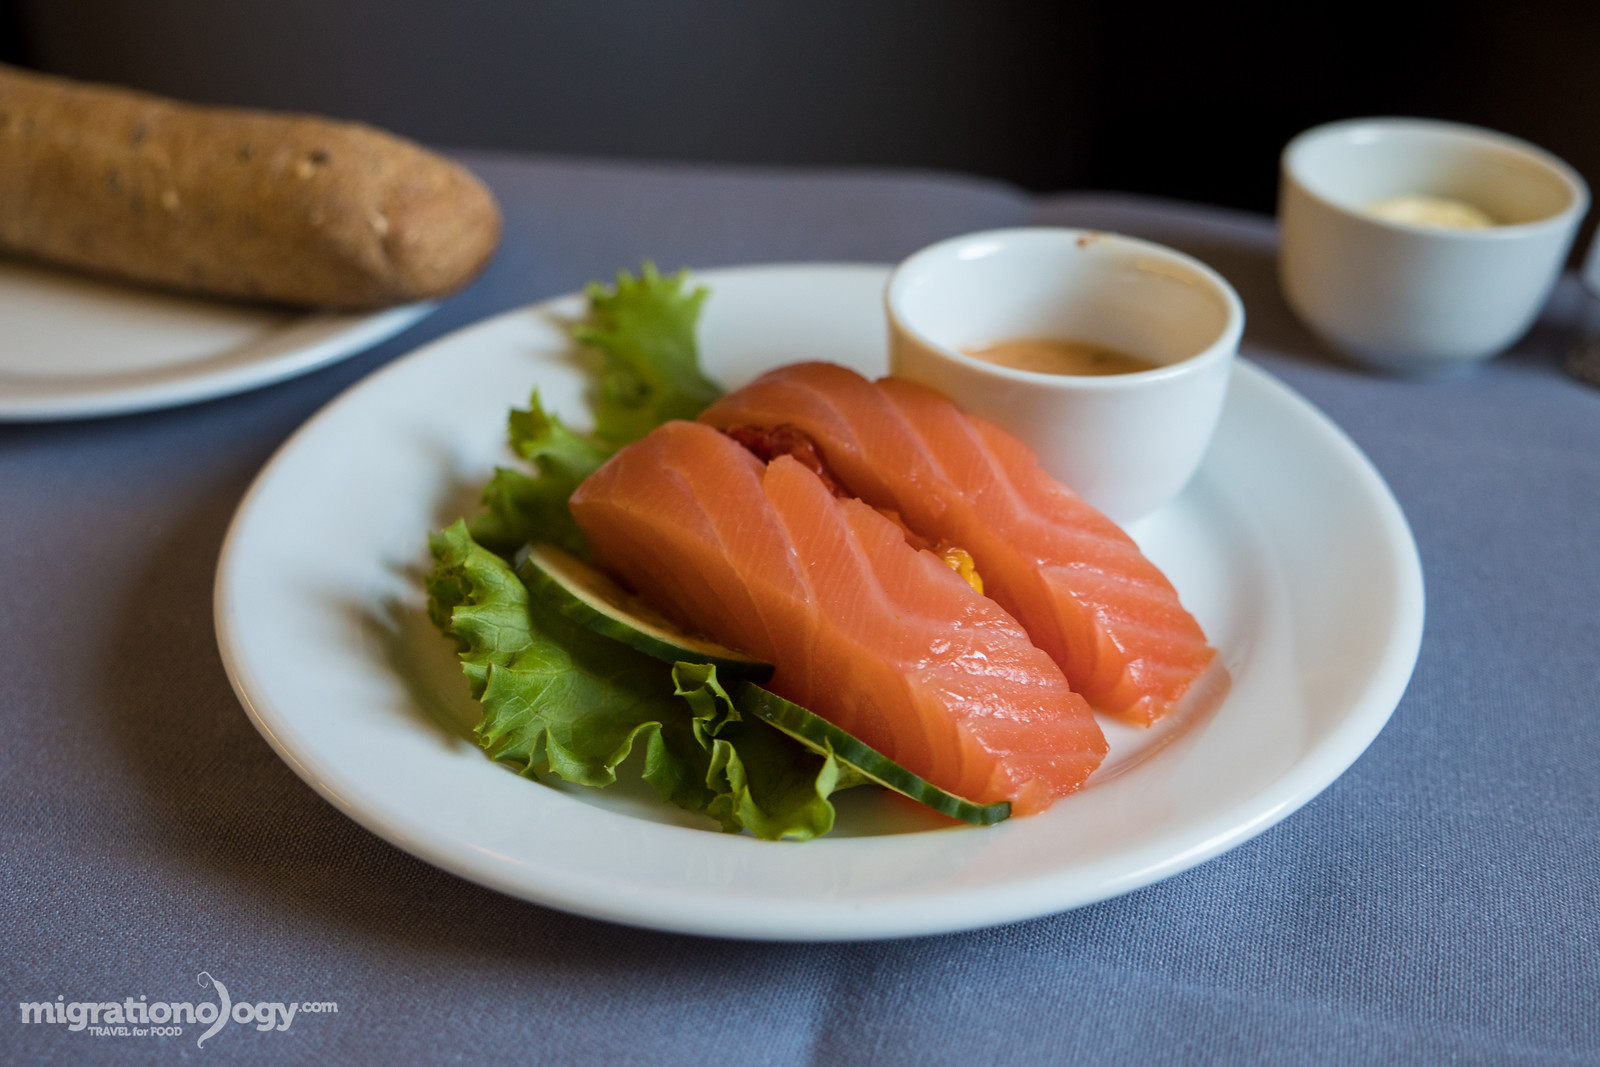 美国联合航空公司的食物